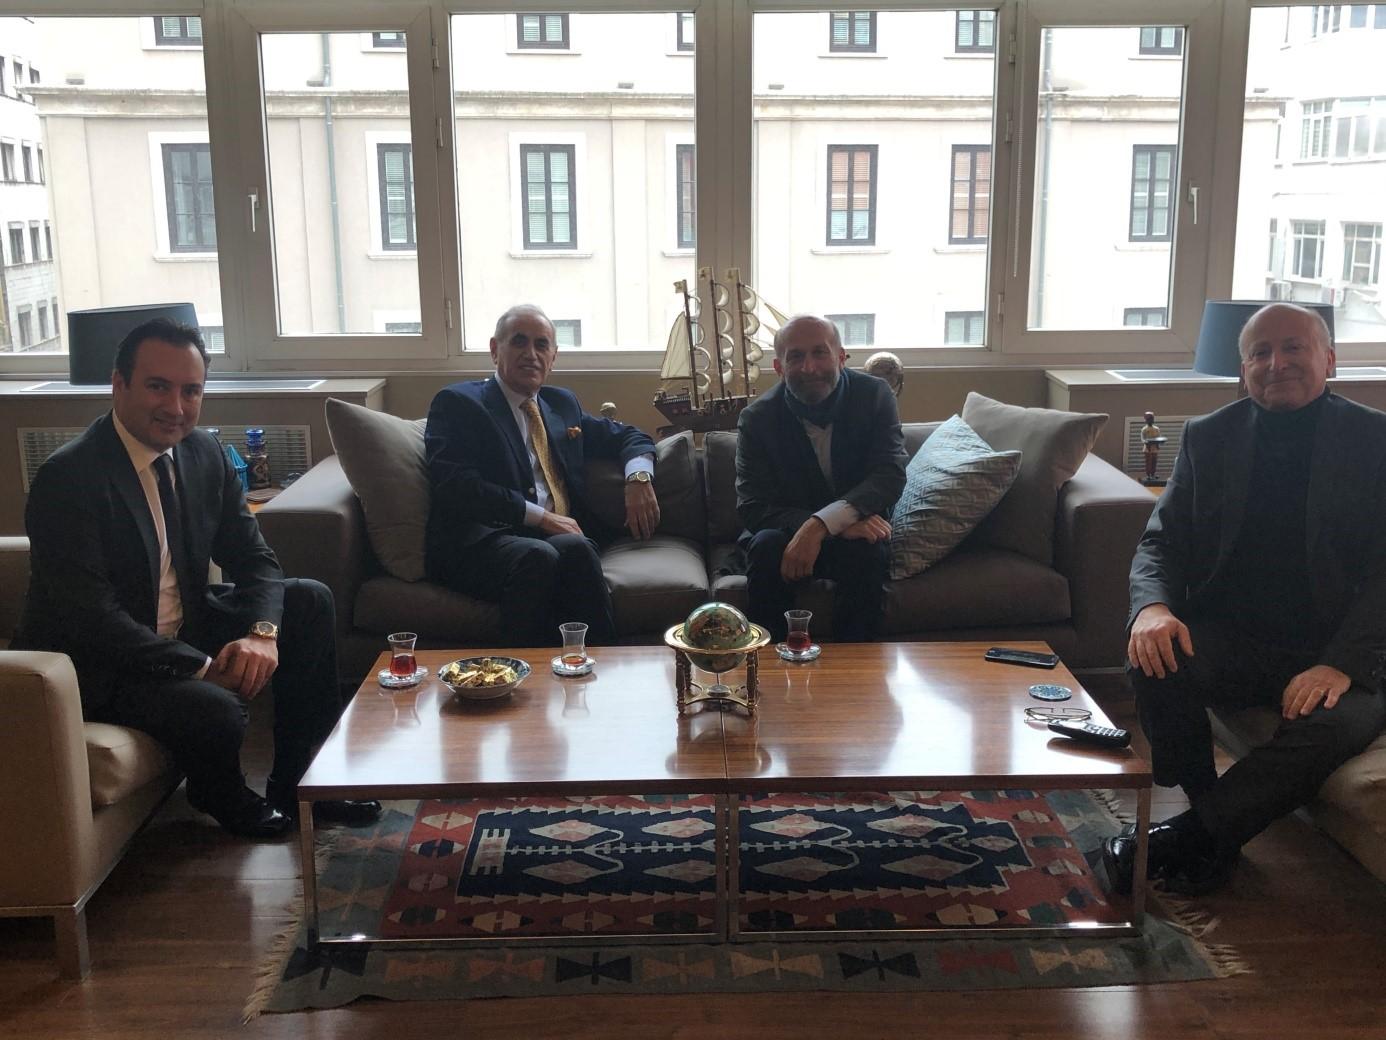 Adalar Belediye Başkanı Sn. Erdem Gül ile görüşmemizden